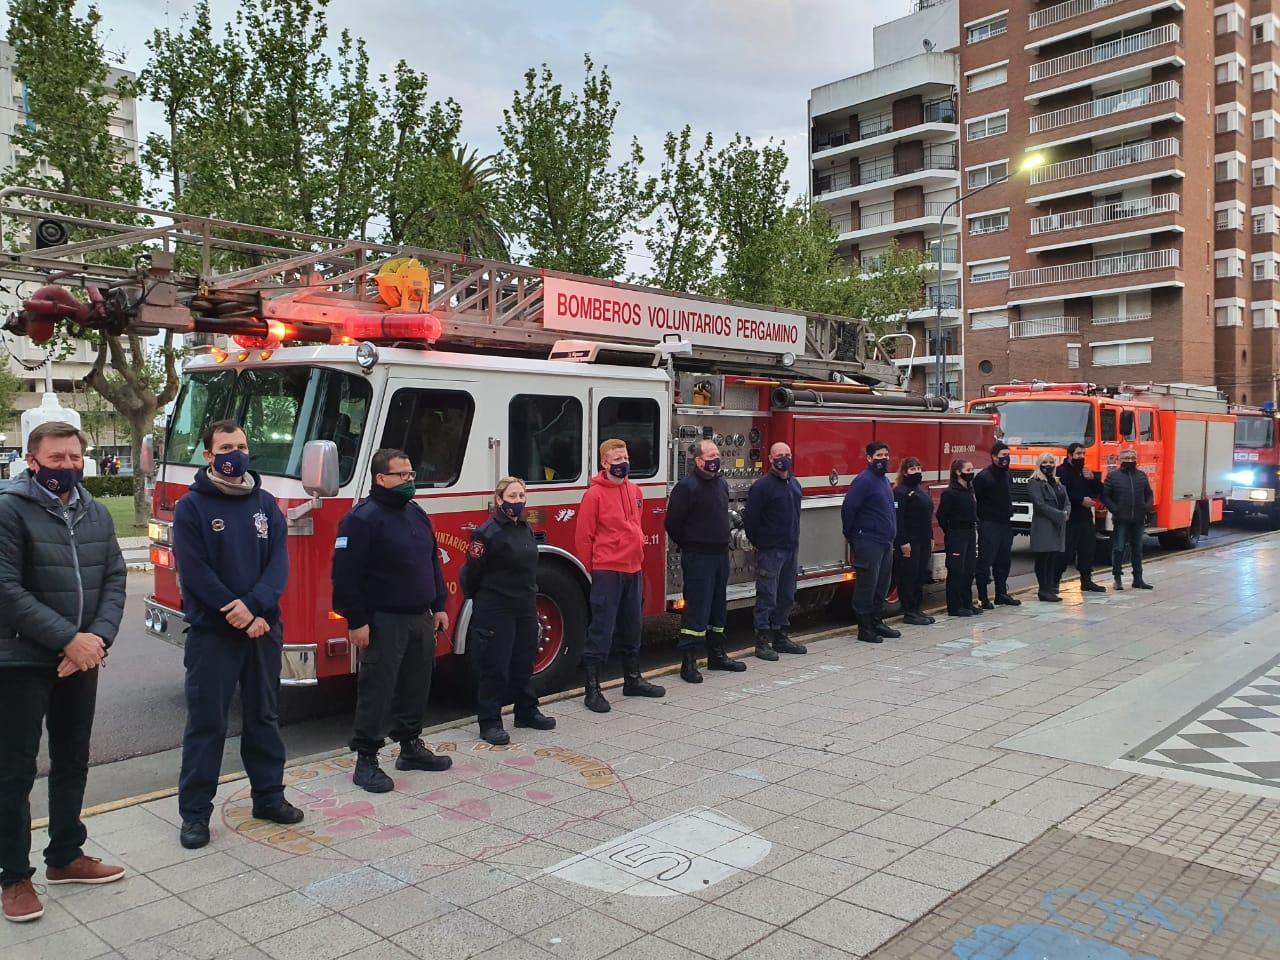 Bomberos Voluntarios volvió a poner en servicio la escalera de emergencias y presentó las reformas en el cuartel 2